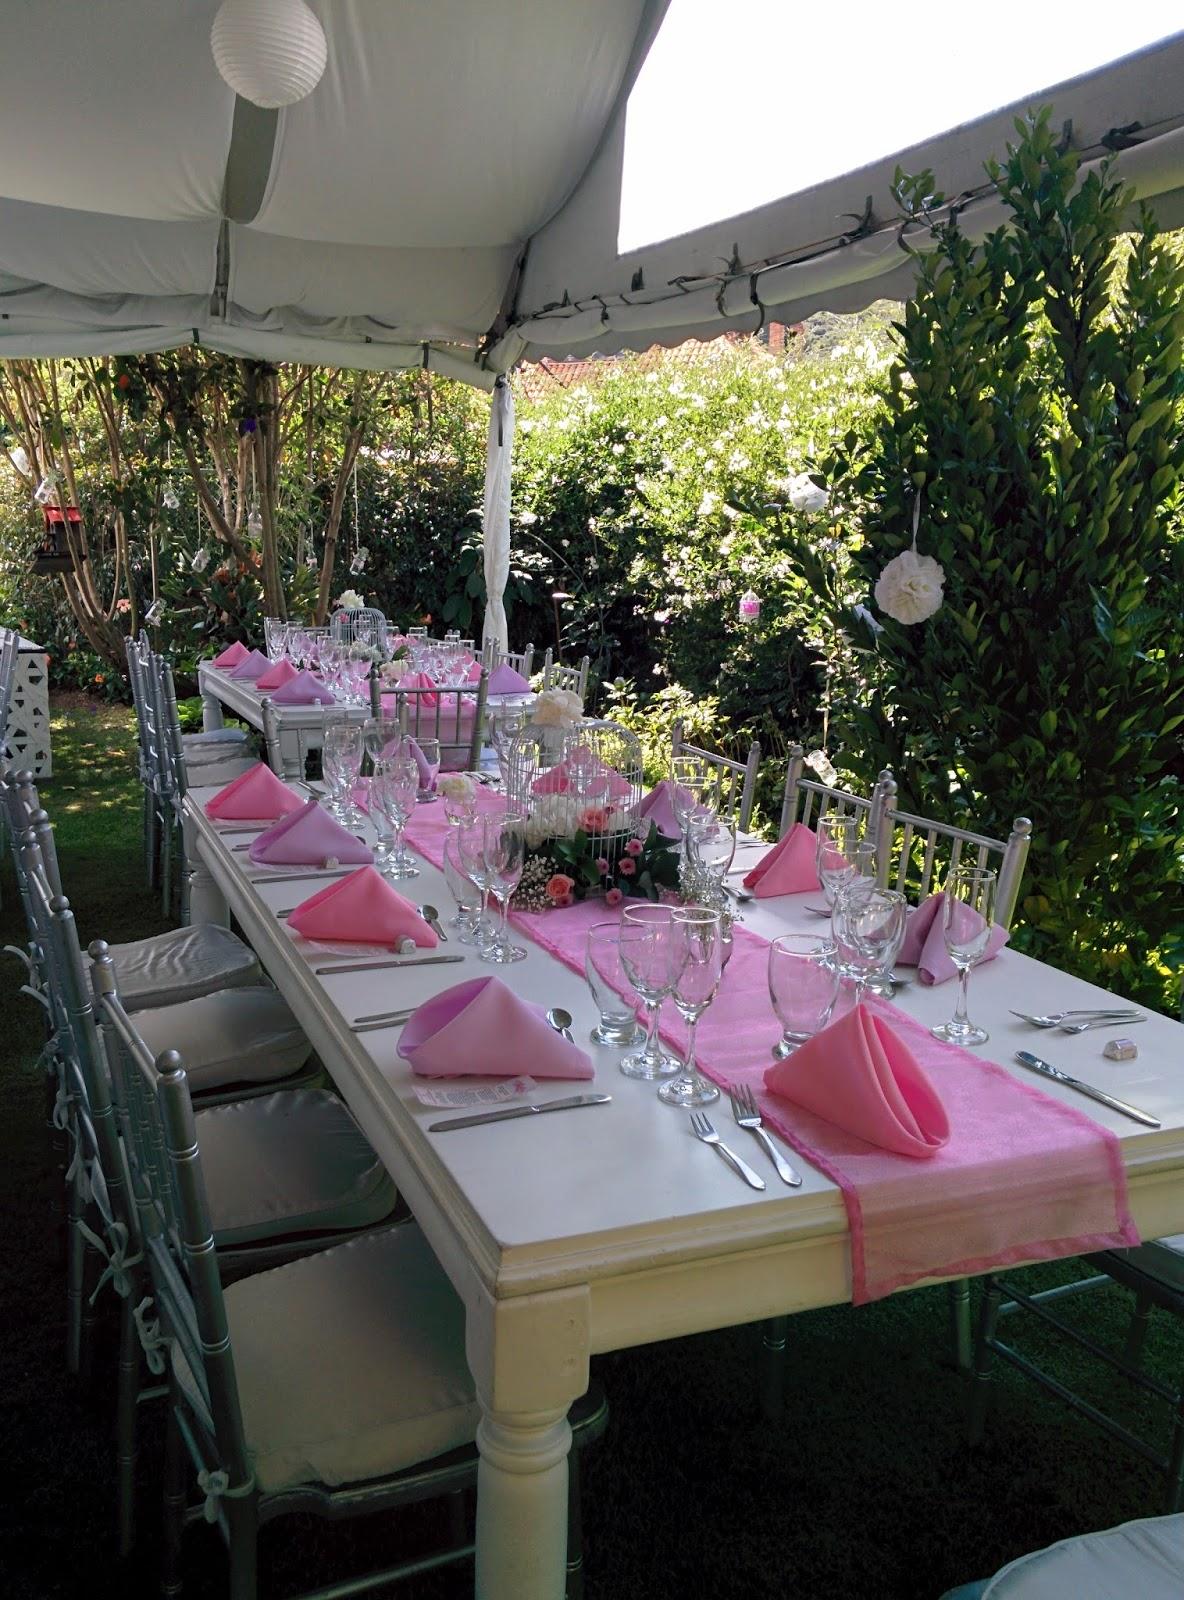 Liliana caro decoraci n y planificaci n de bodas y eventos - Decoracion con jaulas ...